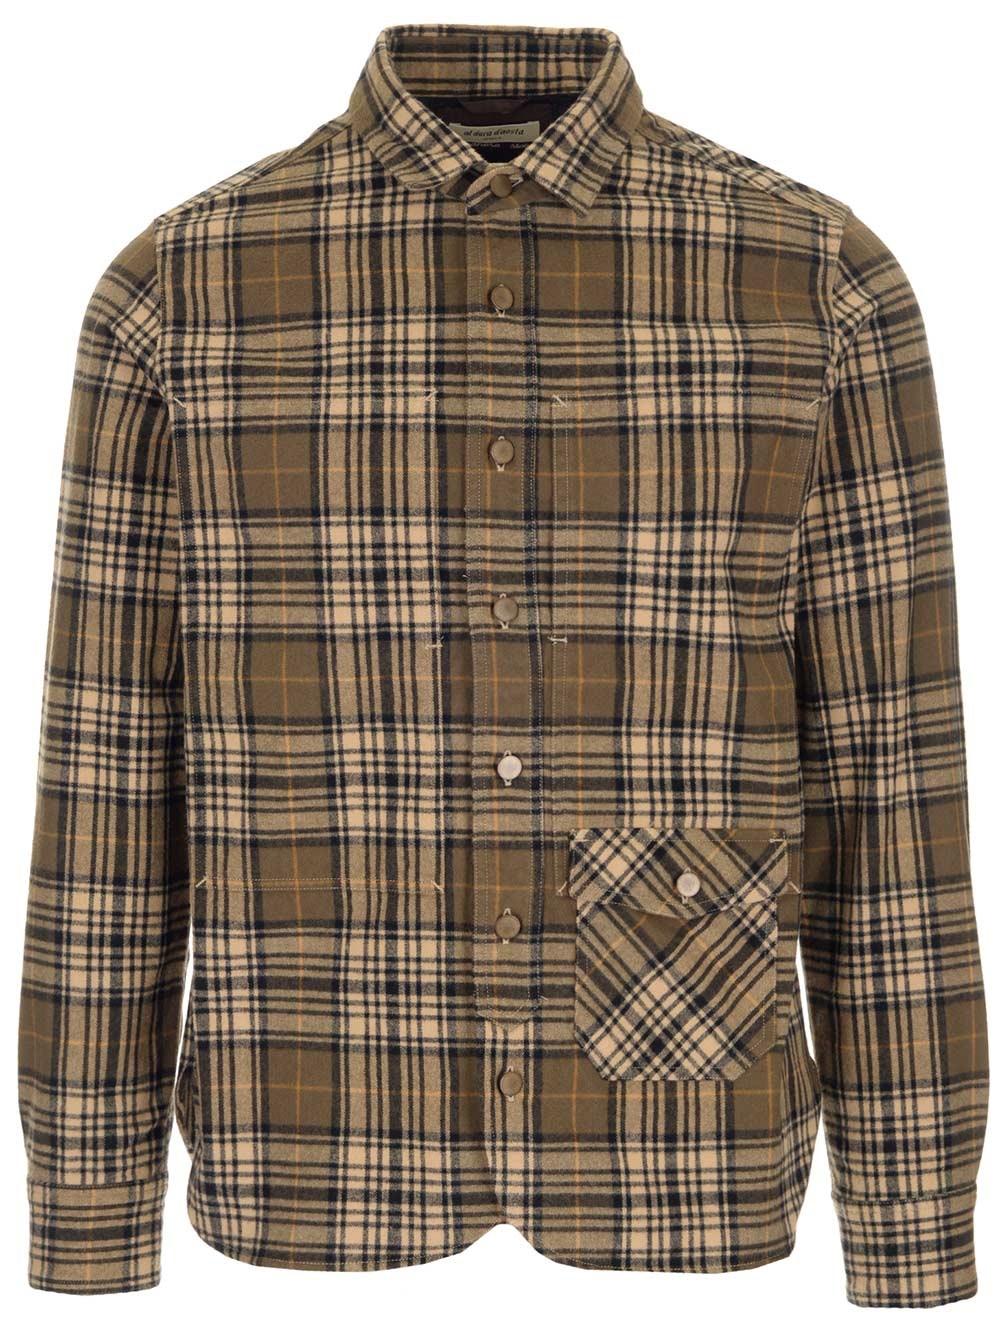 AL DUCA D'AOSTA 1902 Checked Cotton Shirt